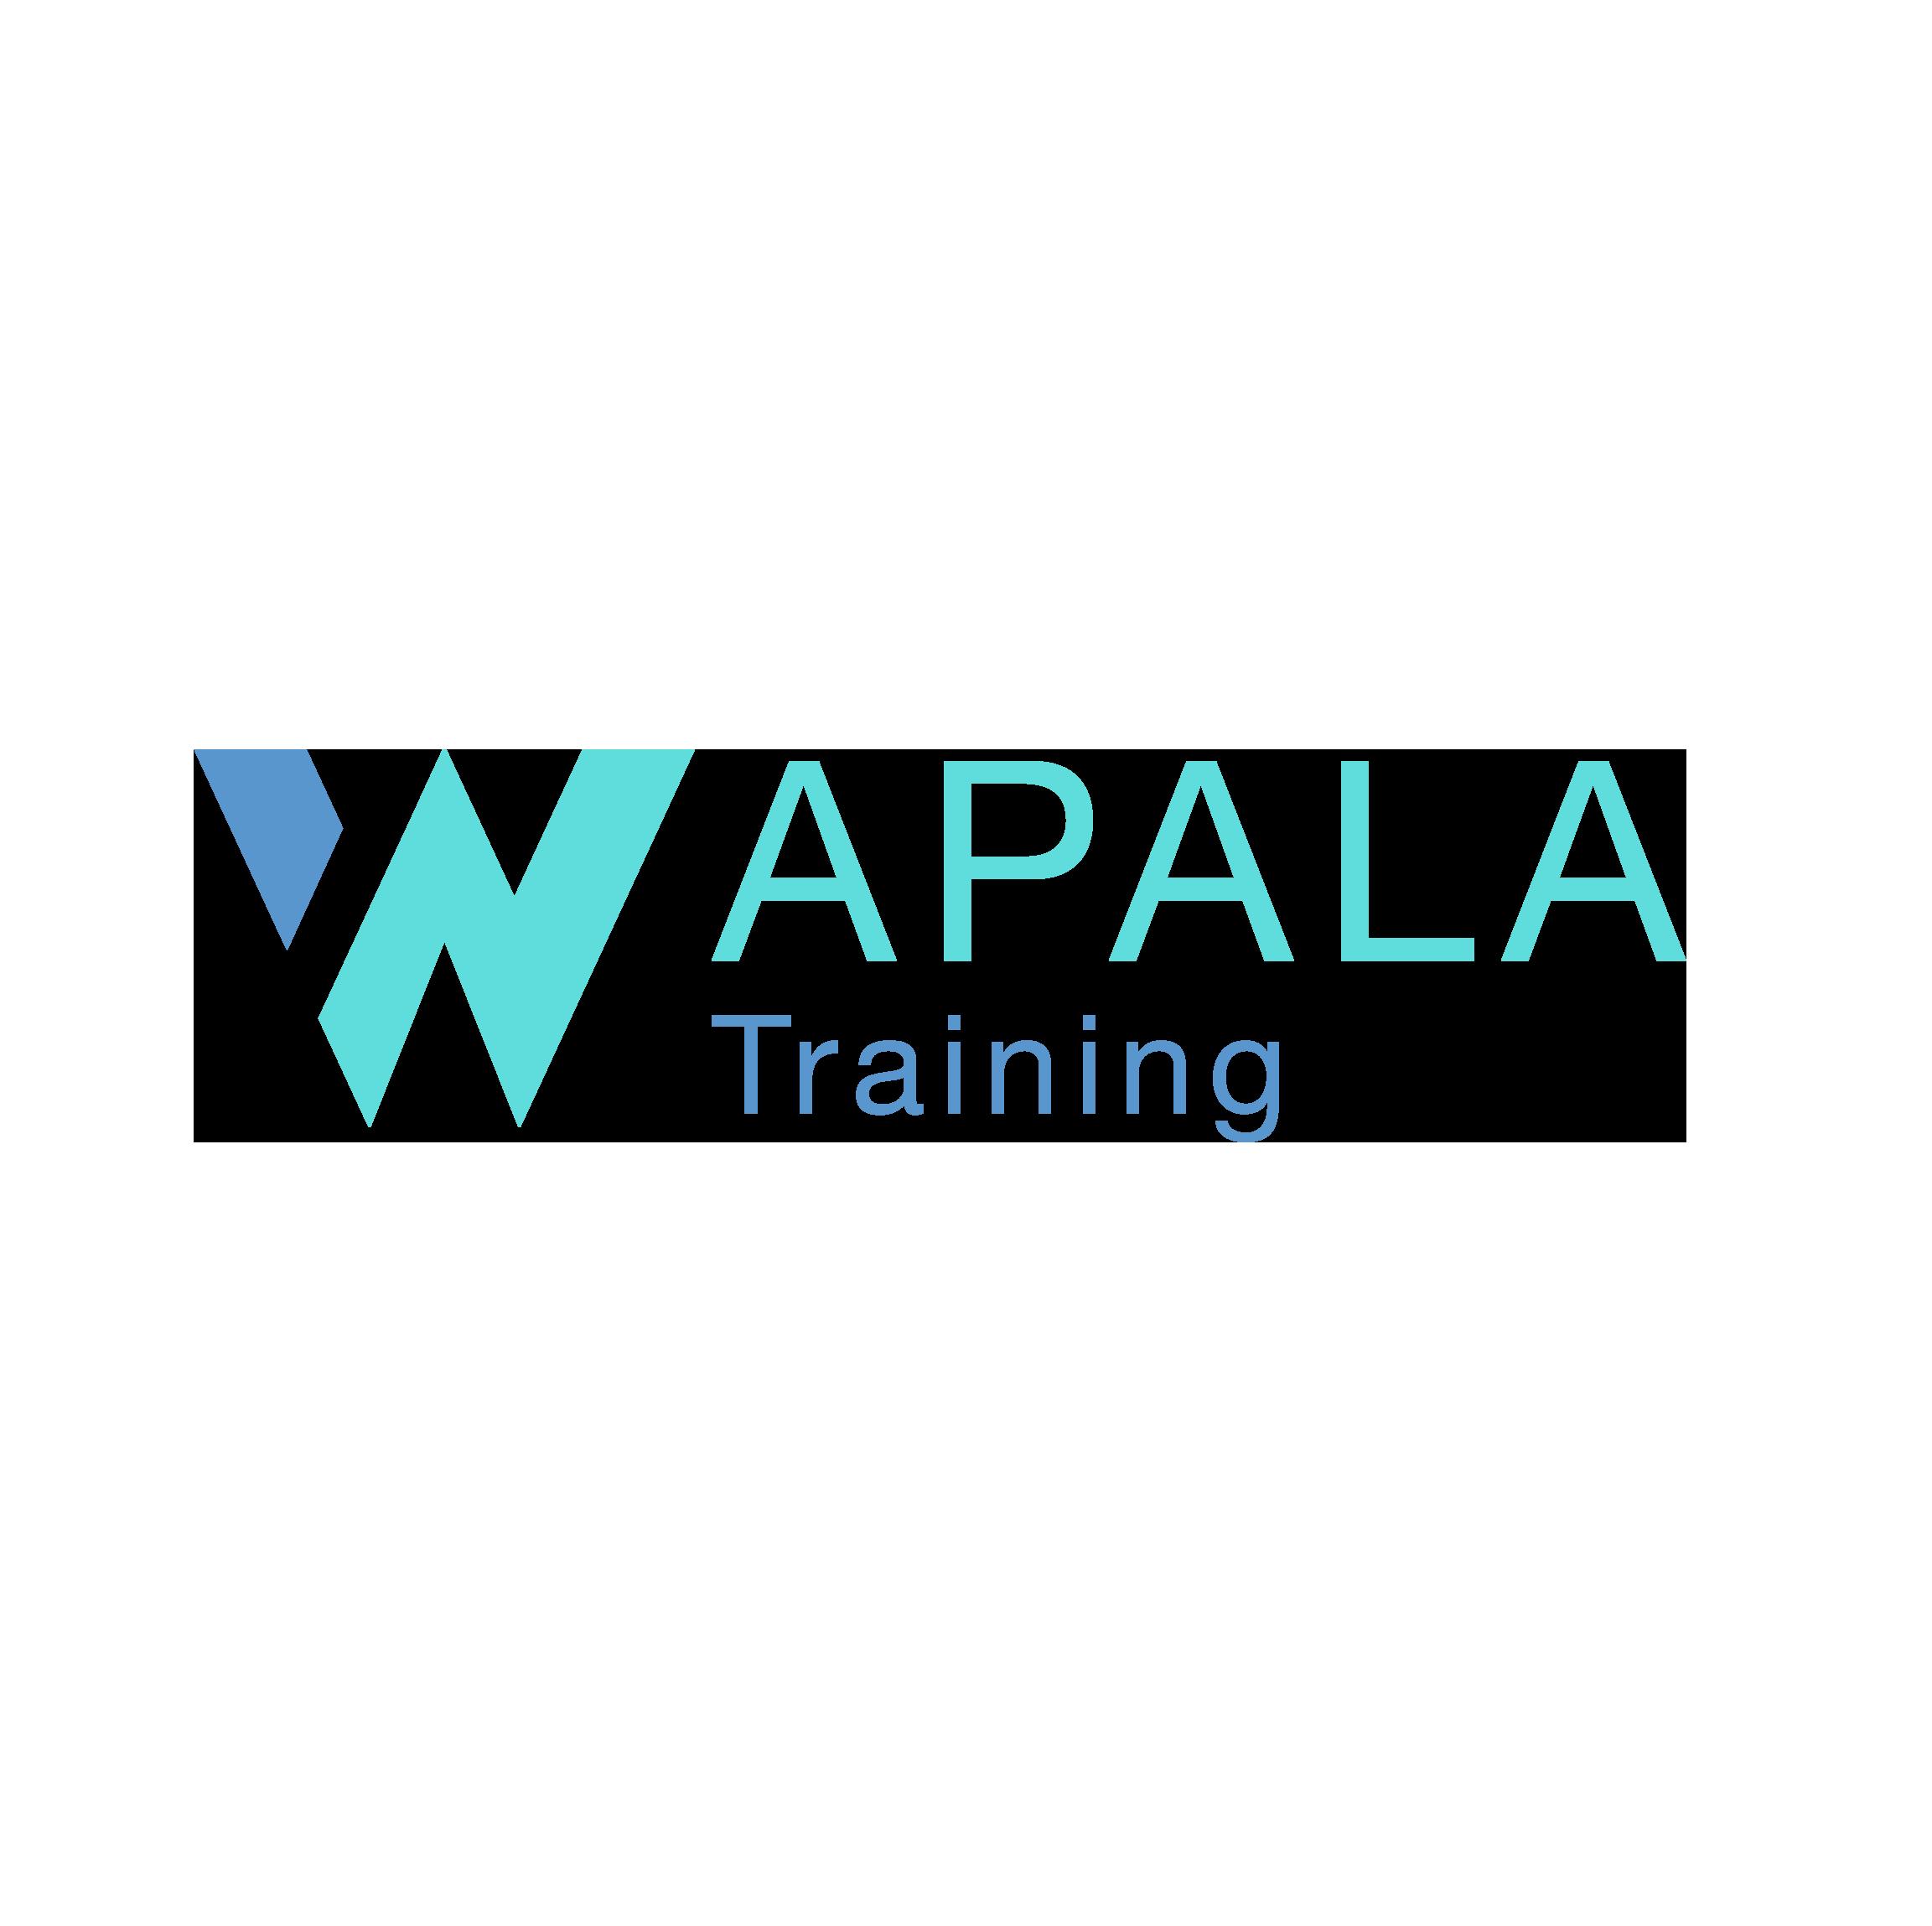 Wapala training : Des formations techniques permettant une compréhension parfaite